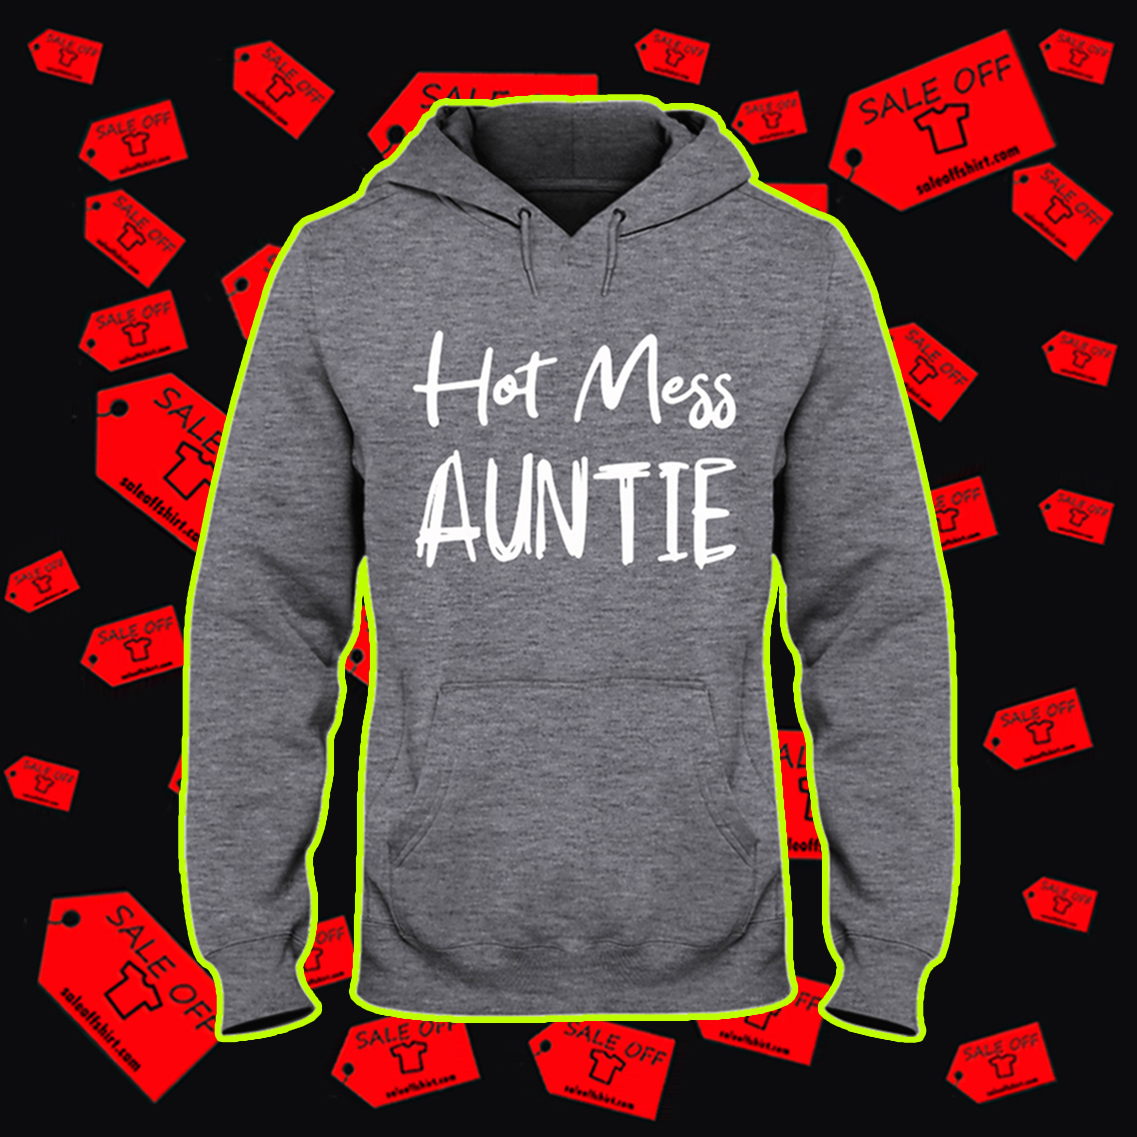 Hot mess auntie hooded sweatshirt